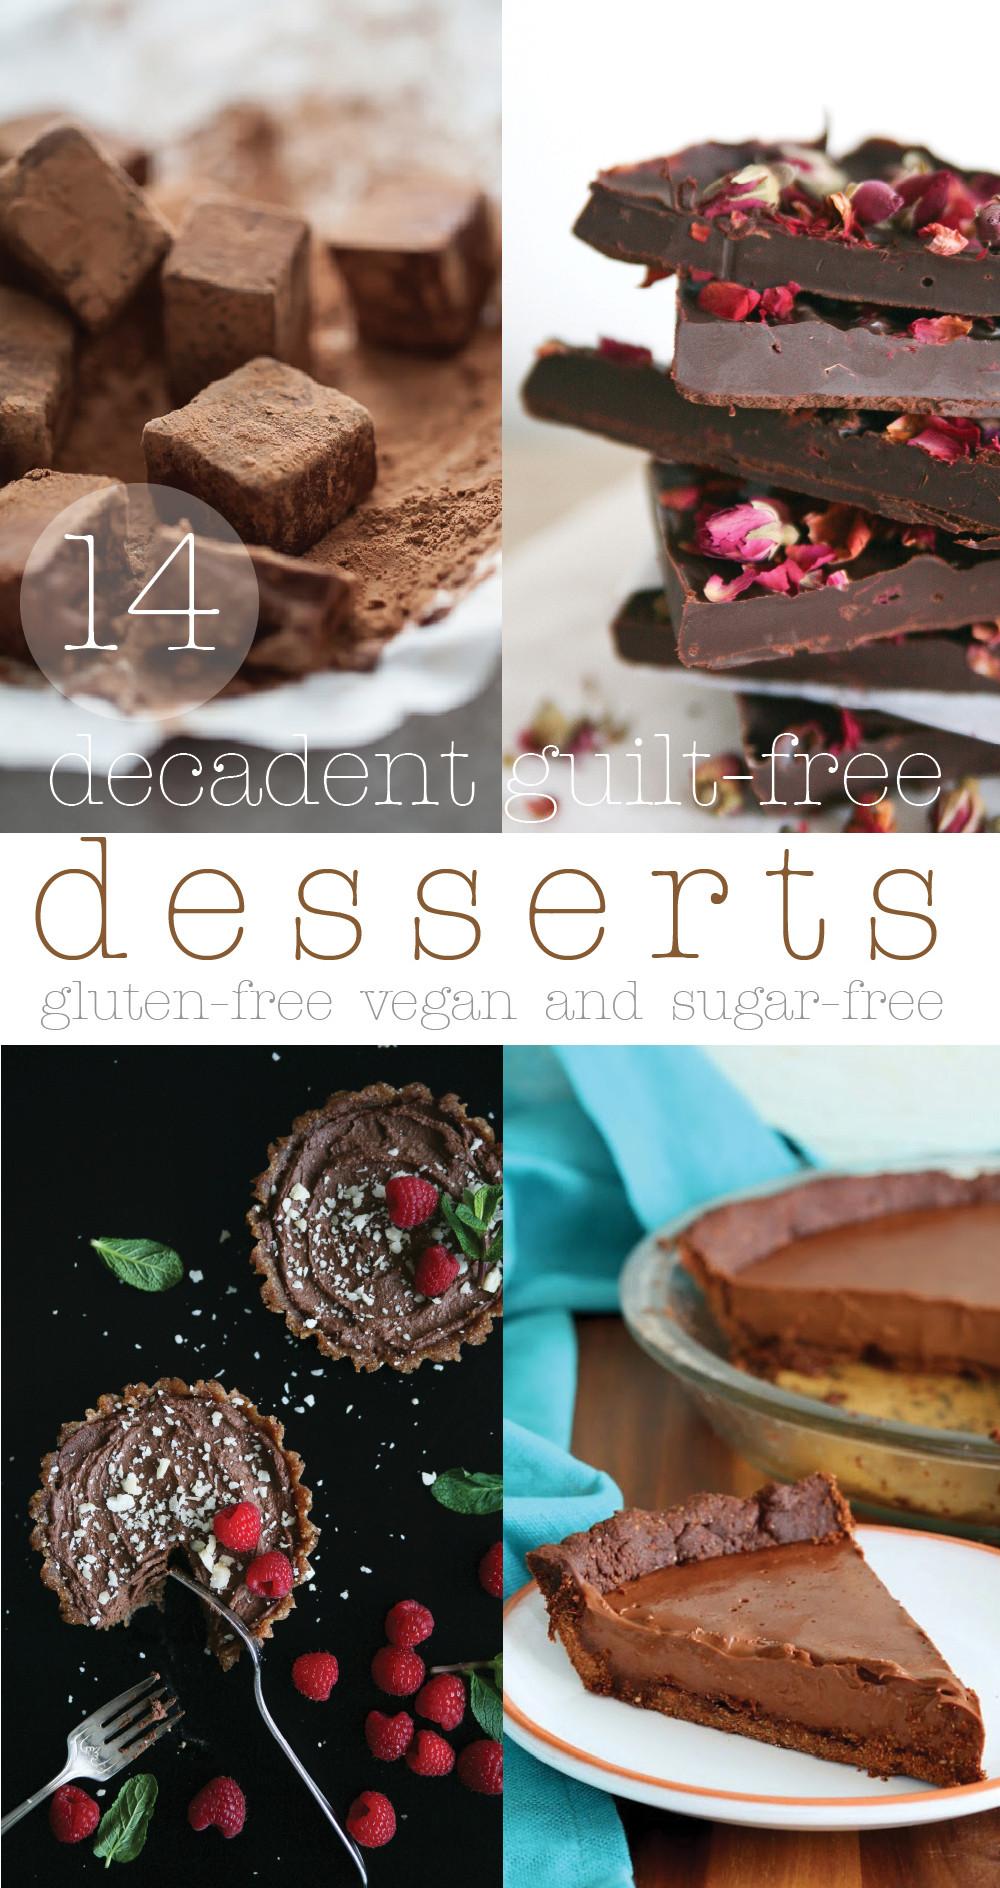 Dairy Free Gluten Free Desserts  14 Decadent Guilt free sugar free Desserts Pure Ella